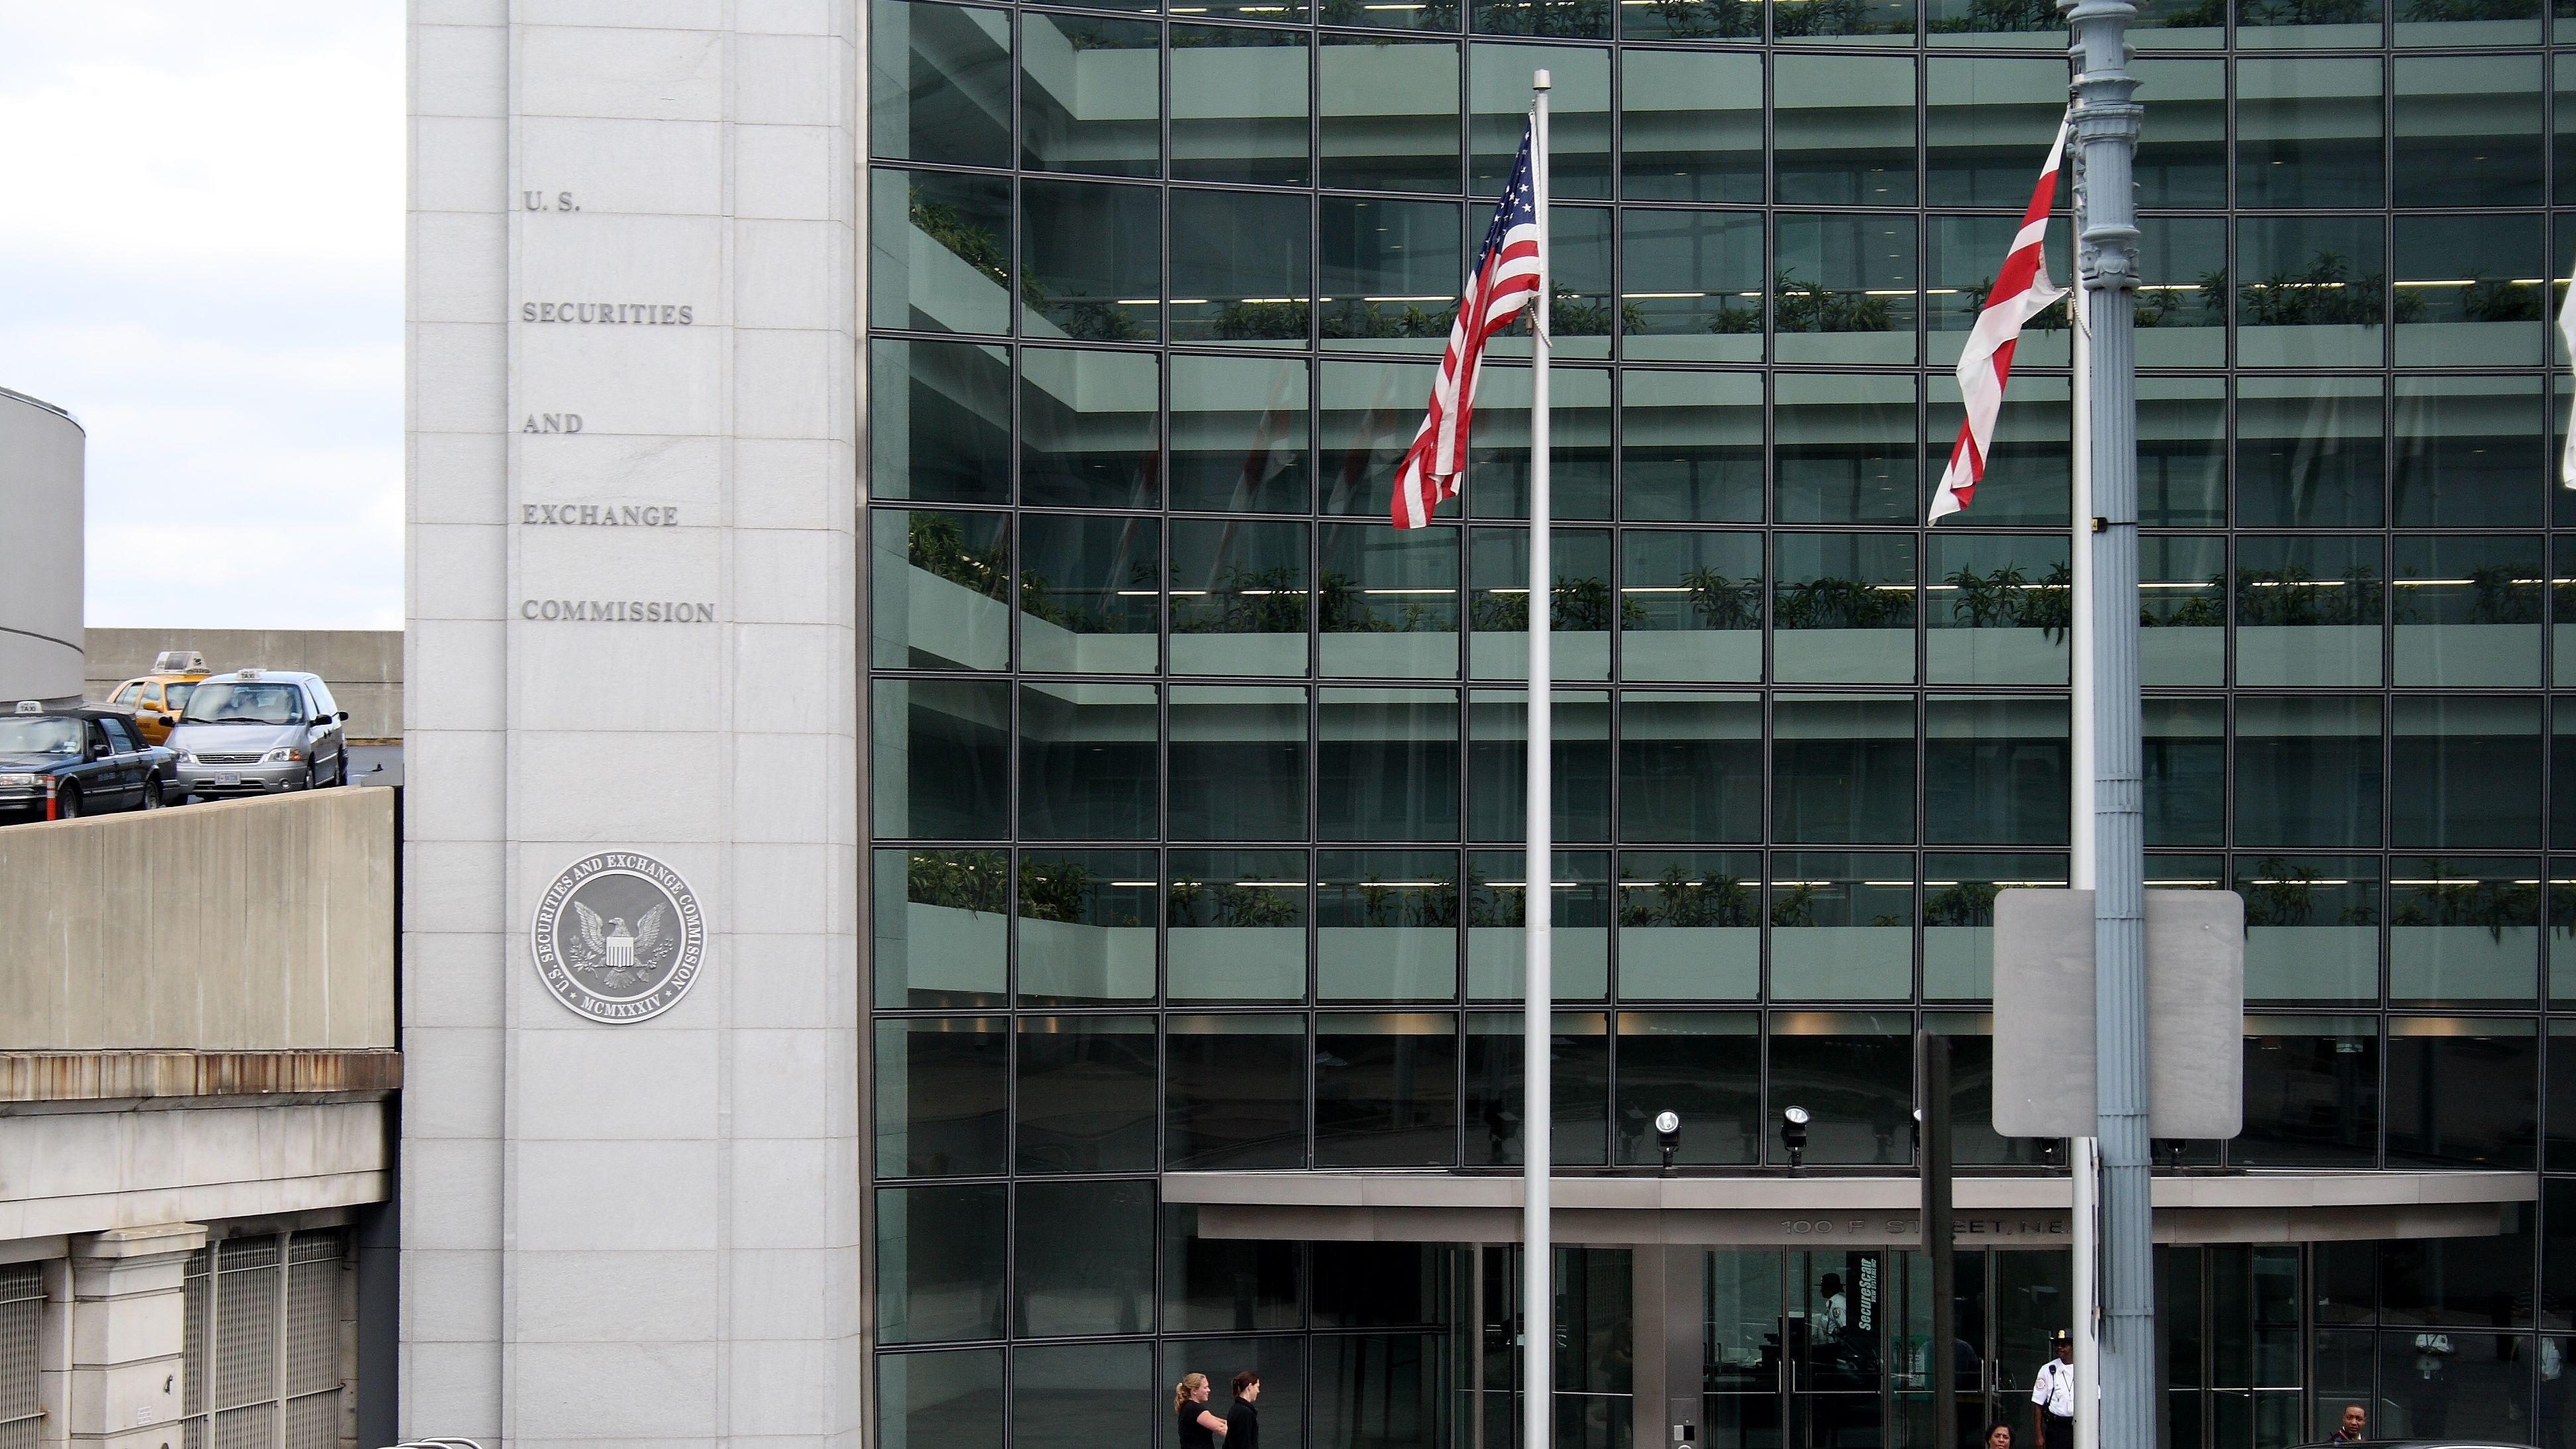 ICOは終わらない 「再発明」で合法化狙う 起業家たち